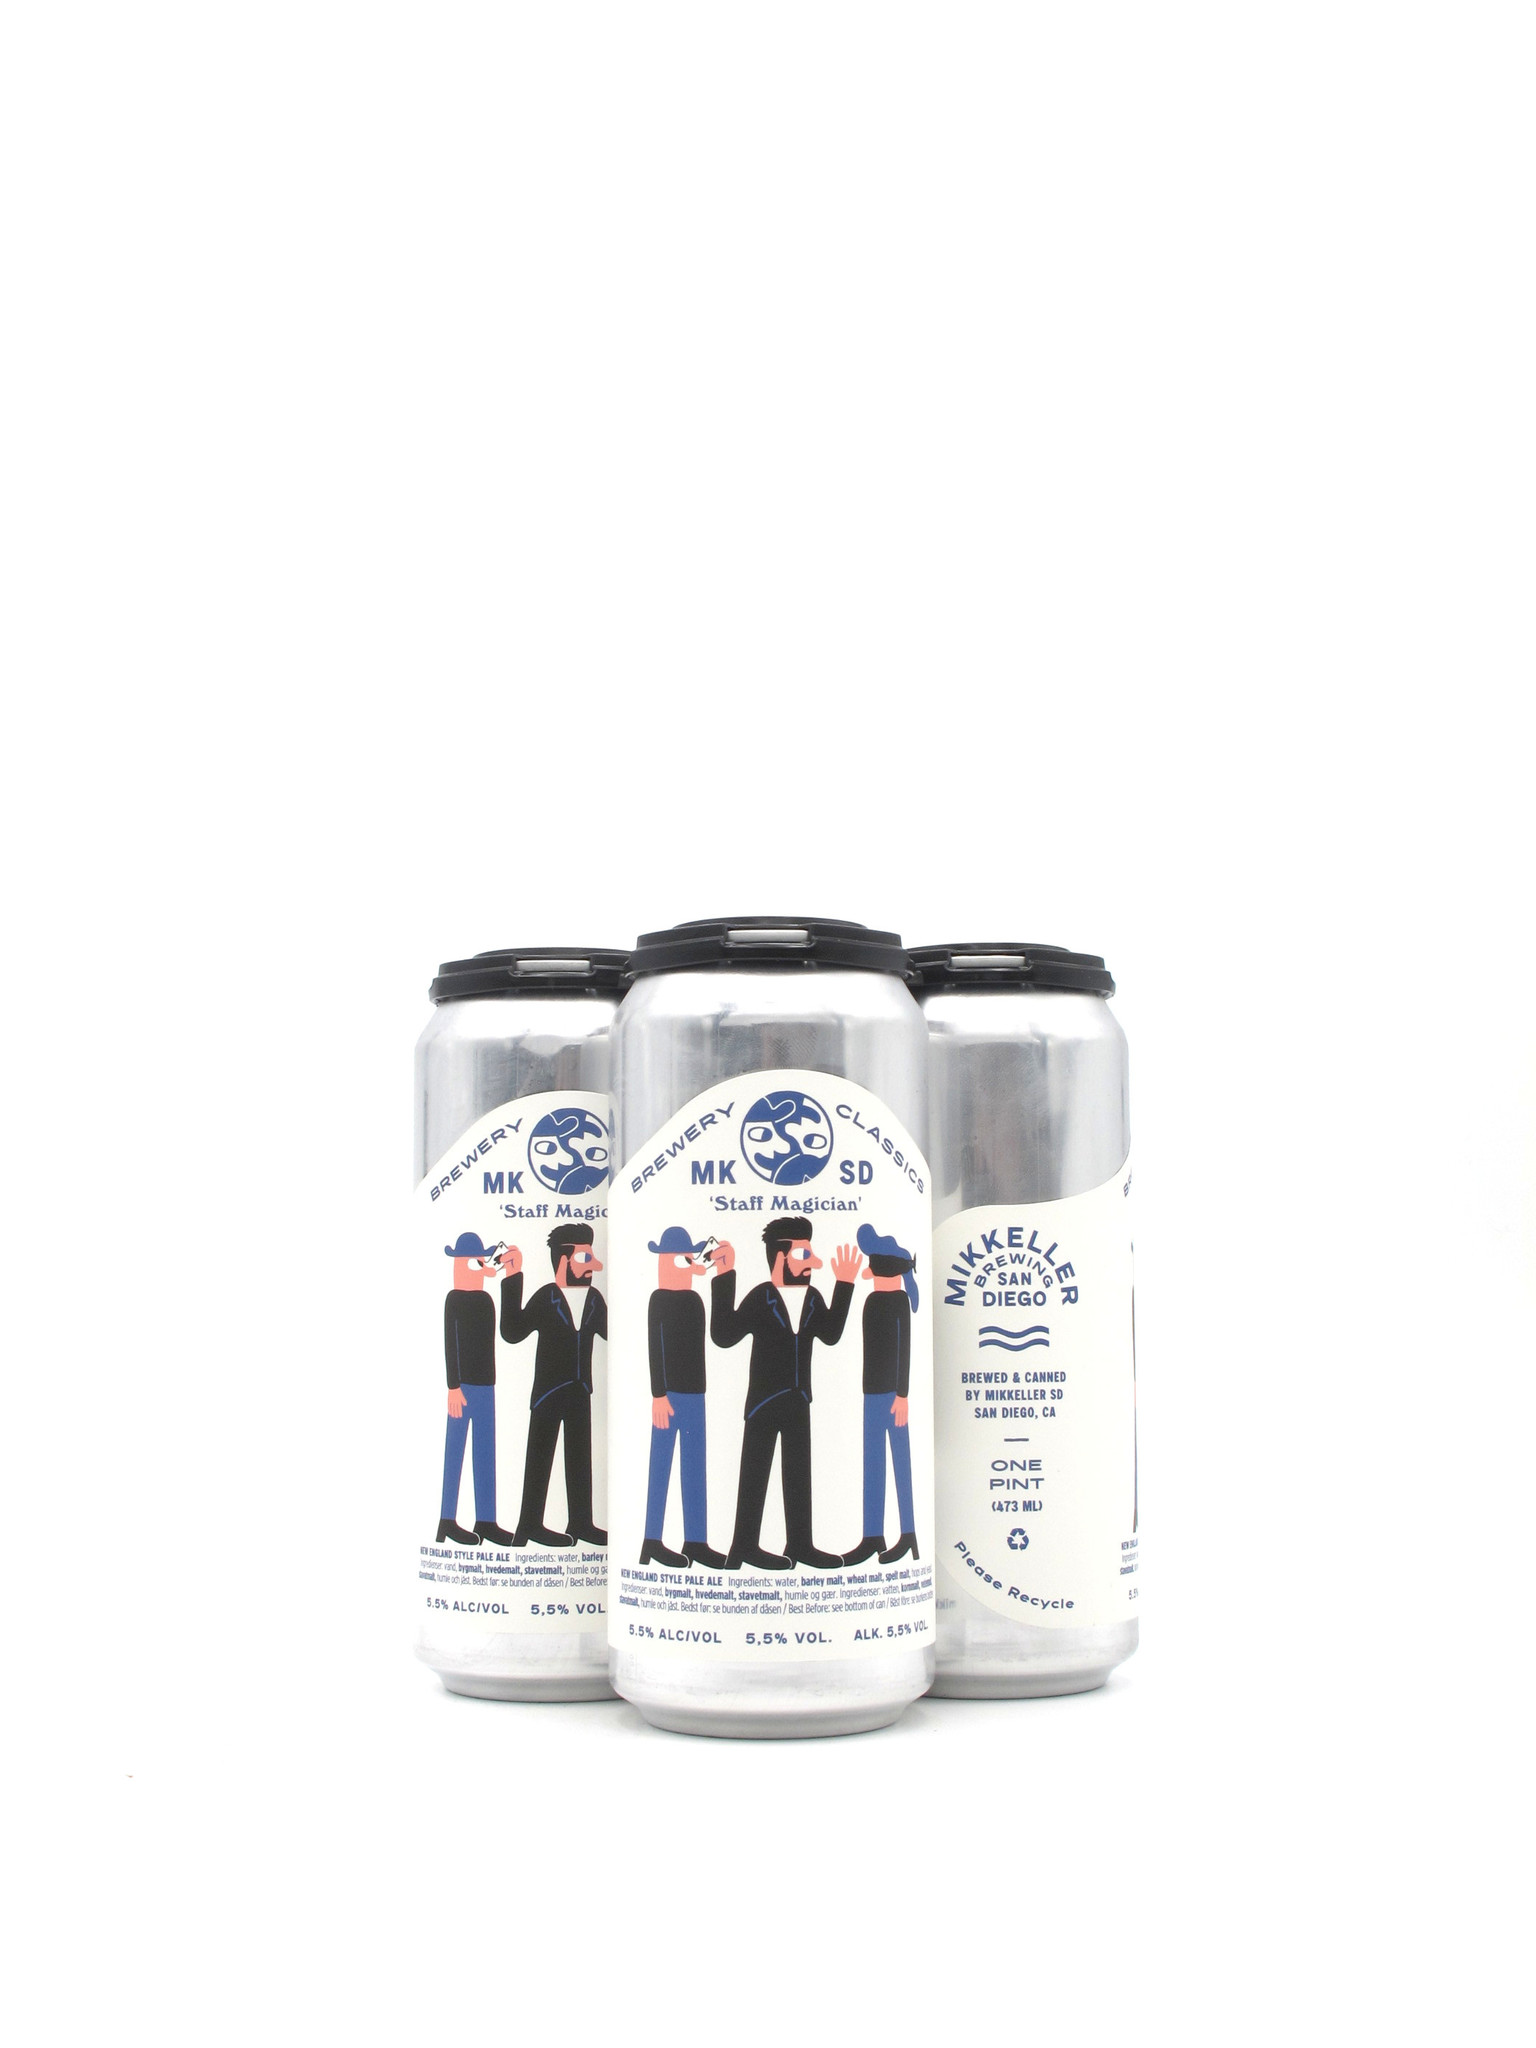 Mikkeller Brewing Mikkeller Staff Magician Pale Ale 16oz 4pk